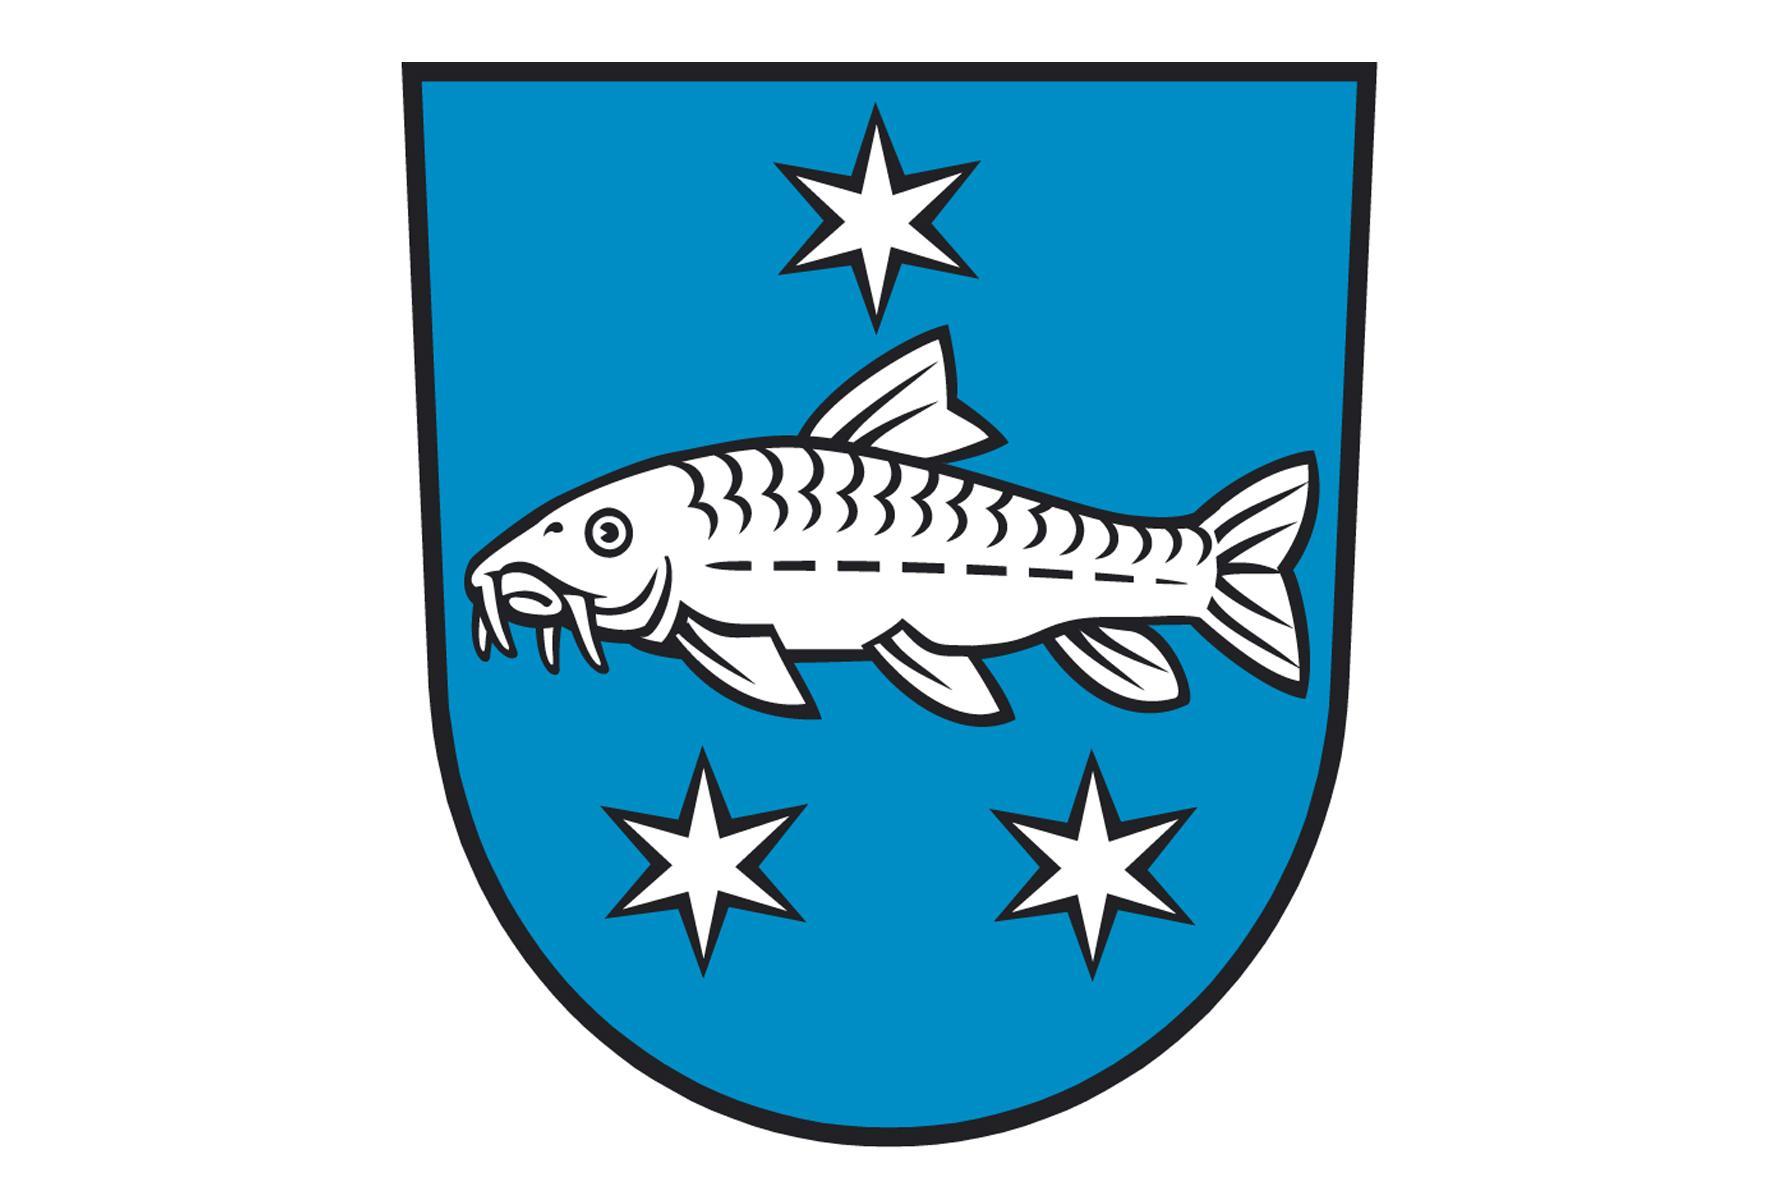 Wappen der Stadt Lübbenau/Spreewald, Quelle: Stadt Lübbenau/Spreewald